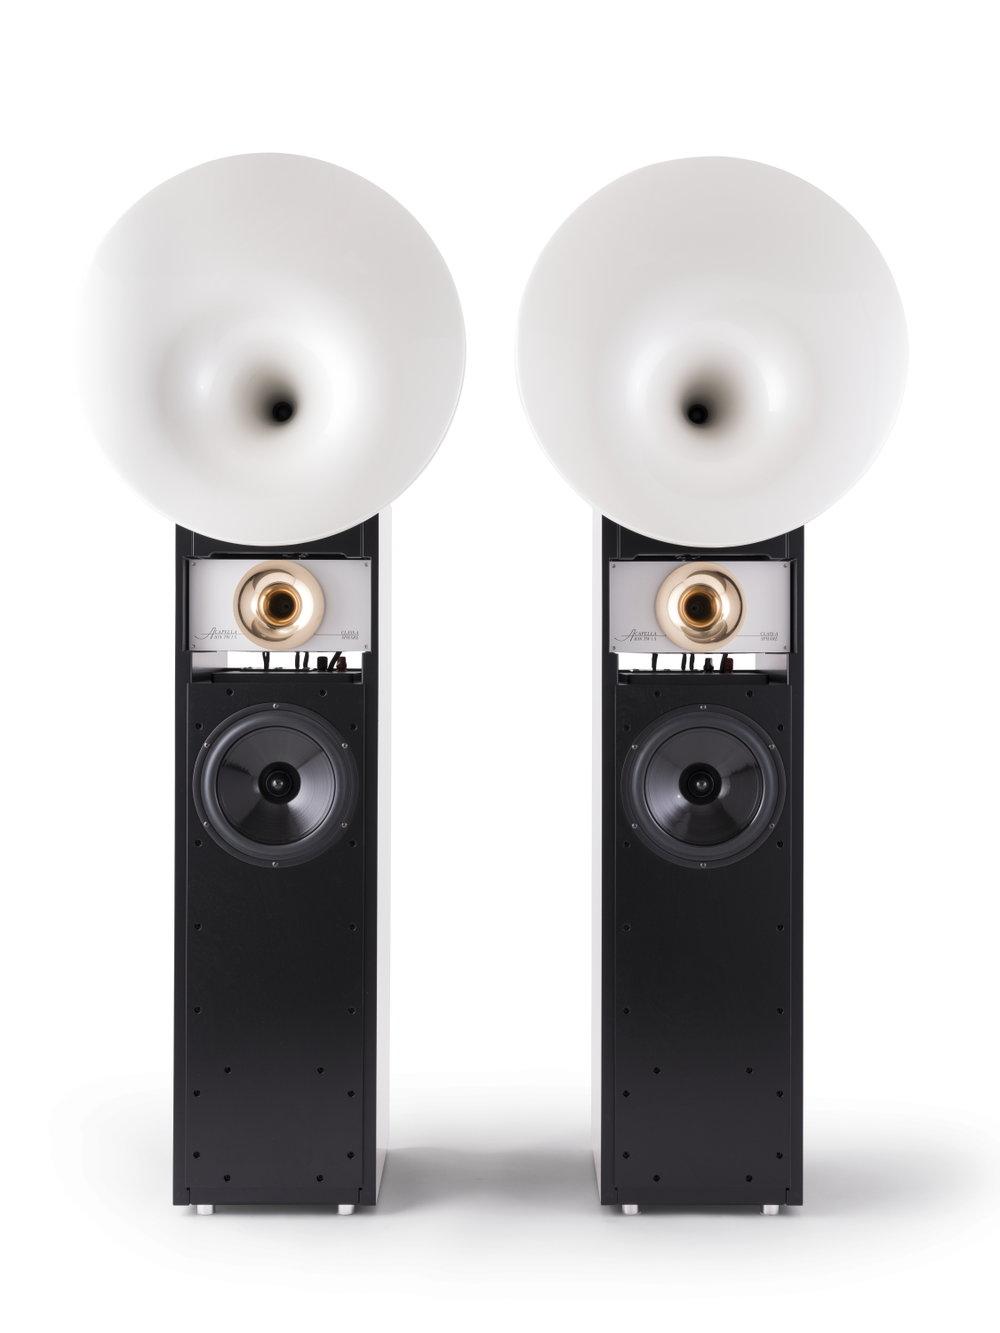 Cellini  - Risposta in frequenza: 28 Hz - 40 kHzEfficienza: 91dB / WmImpedenza: 8 ΩCarico elettrico sopportato: 100 W - 500 W per 10 ms senza distorsioneAmplificatore raccomandato minimo 15 WDimensioni (A x L x P):colonna 1490 x 330 x 475 mmtotale 1705 x 620 x 585 mmPeso: 105 kg cadaunaHigh CelliniStesse dimensioni , efficienza e impedenza ma con subwoofer Octave interno, cablaggio in SilverCeramic e componenti selezionati.Kg 120.